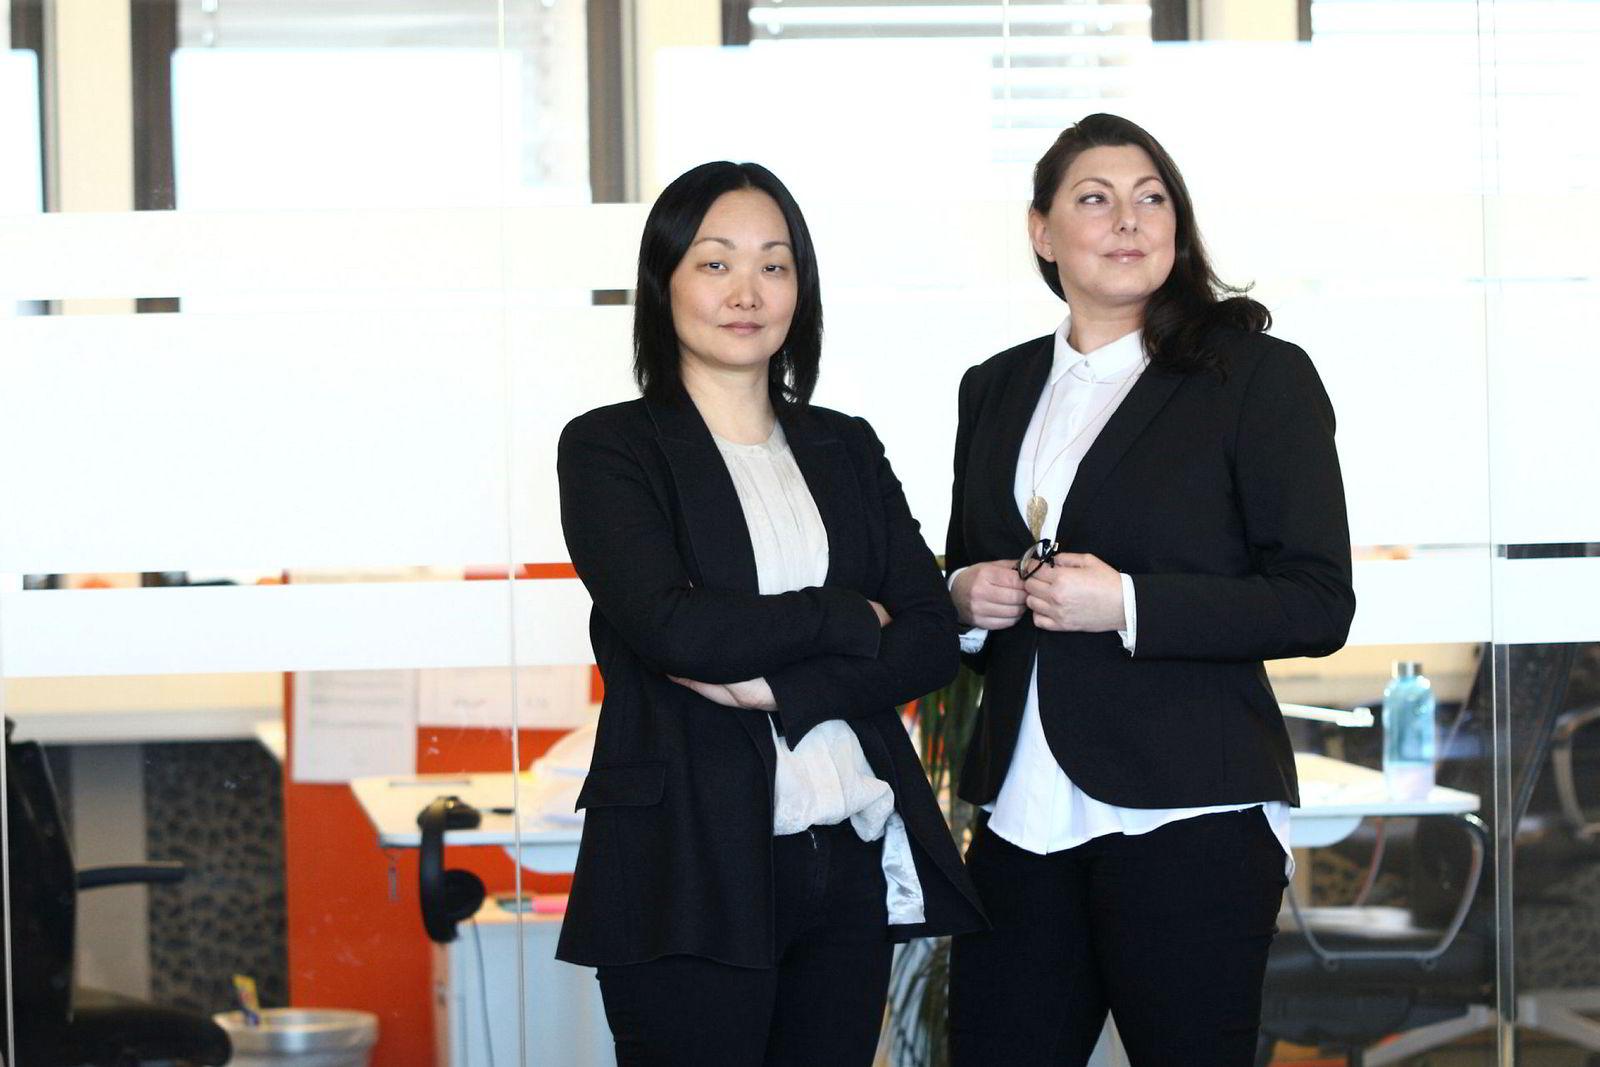 Janicke Angerman Leiren (til venstre) og Tina Jeanette Tharaldsen er nytt lederteam i Iteo.